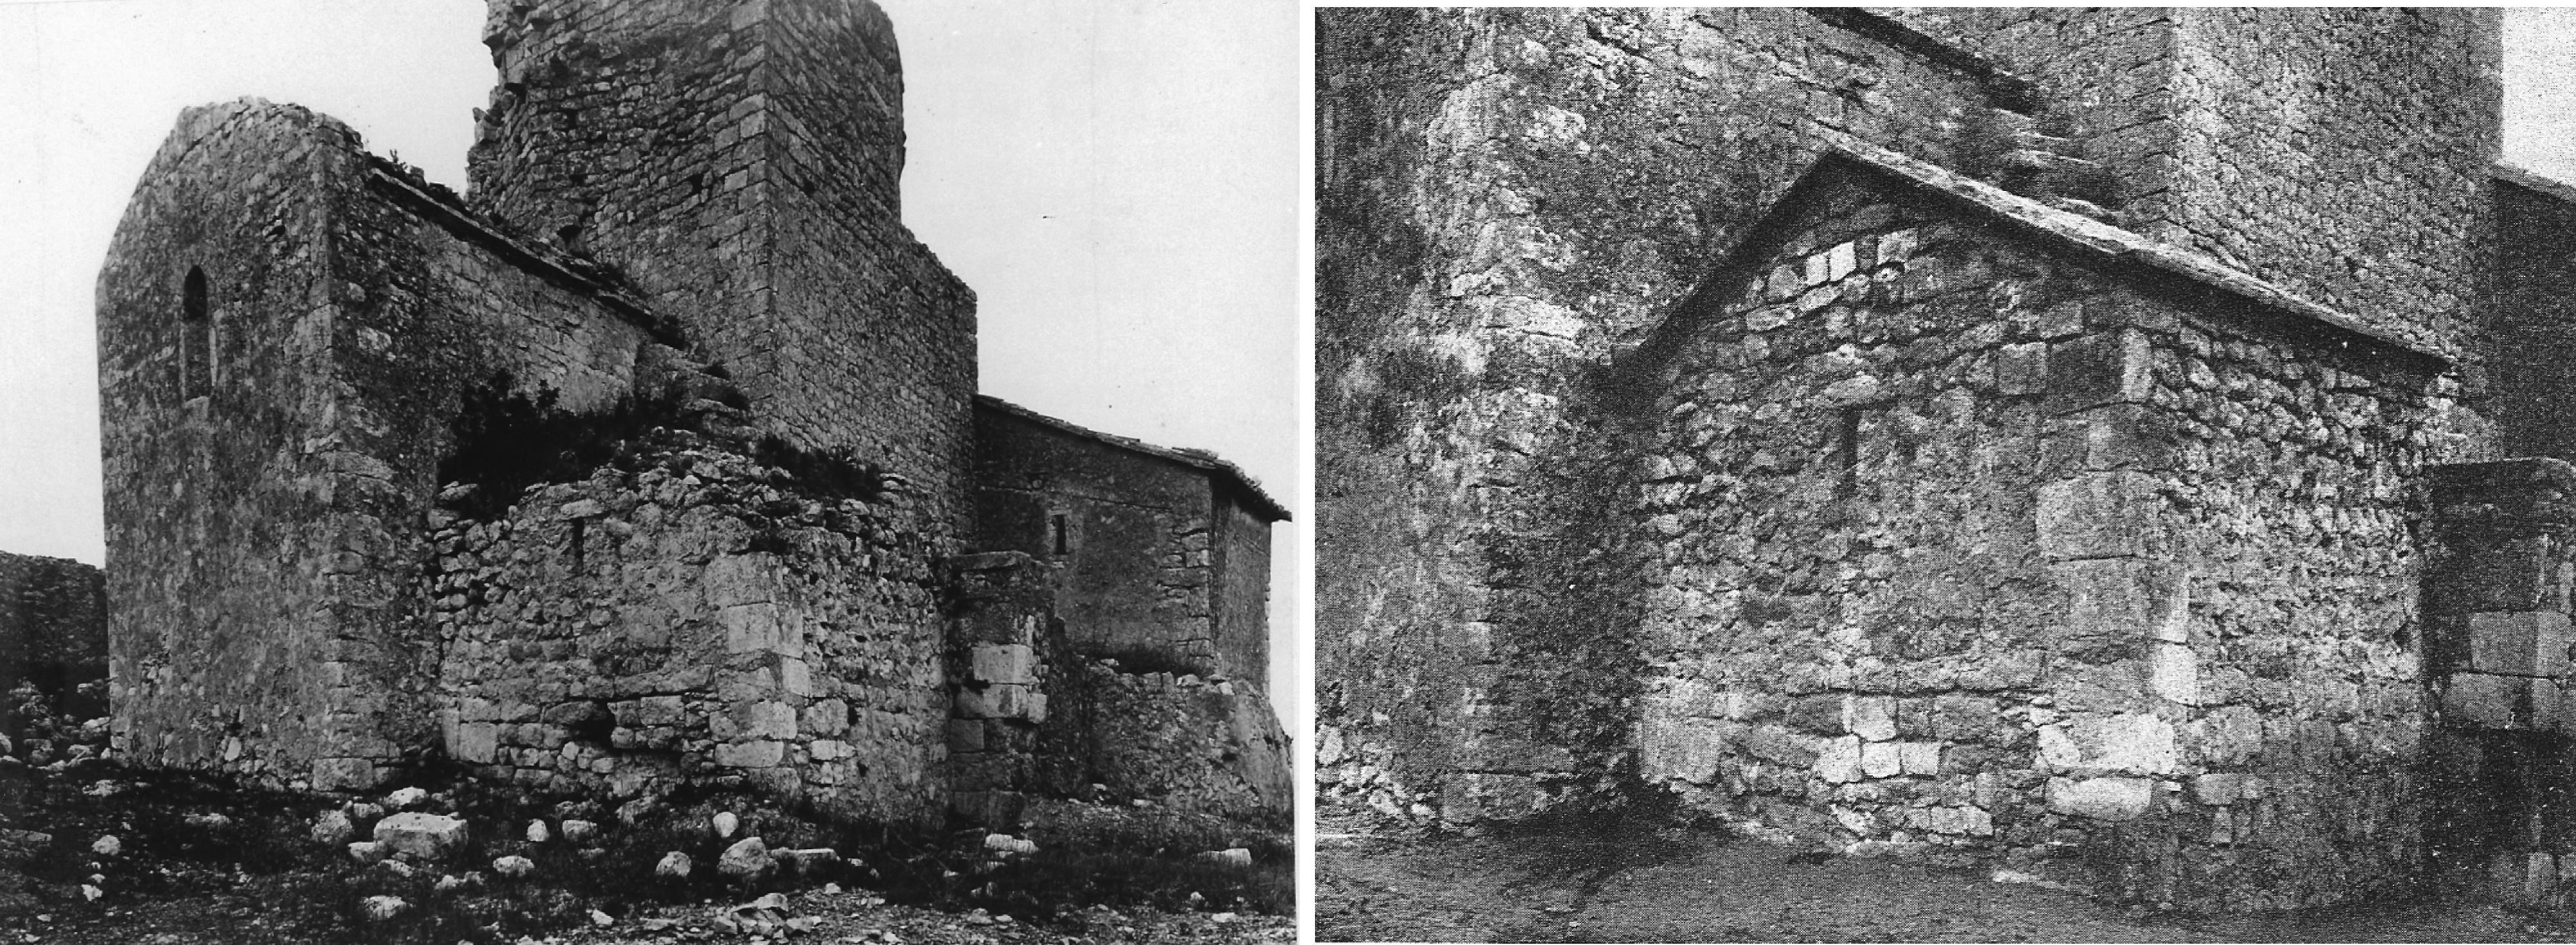 Fig. 11. Capçaleres preromànica i romànica de Sant Miquel abans i després de la intervenció, 1924 i 1926. Arxiu Històric de la Diputació de Barcelona